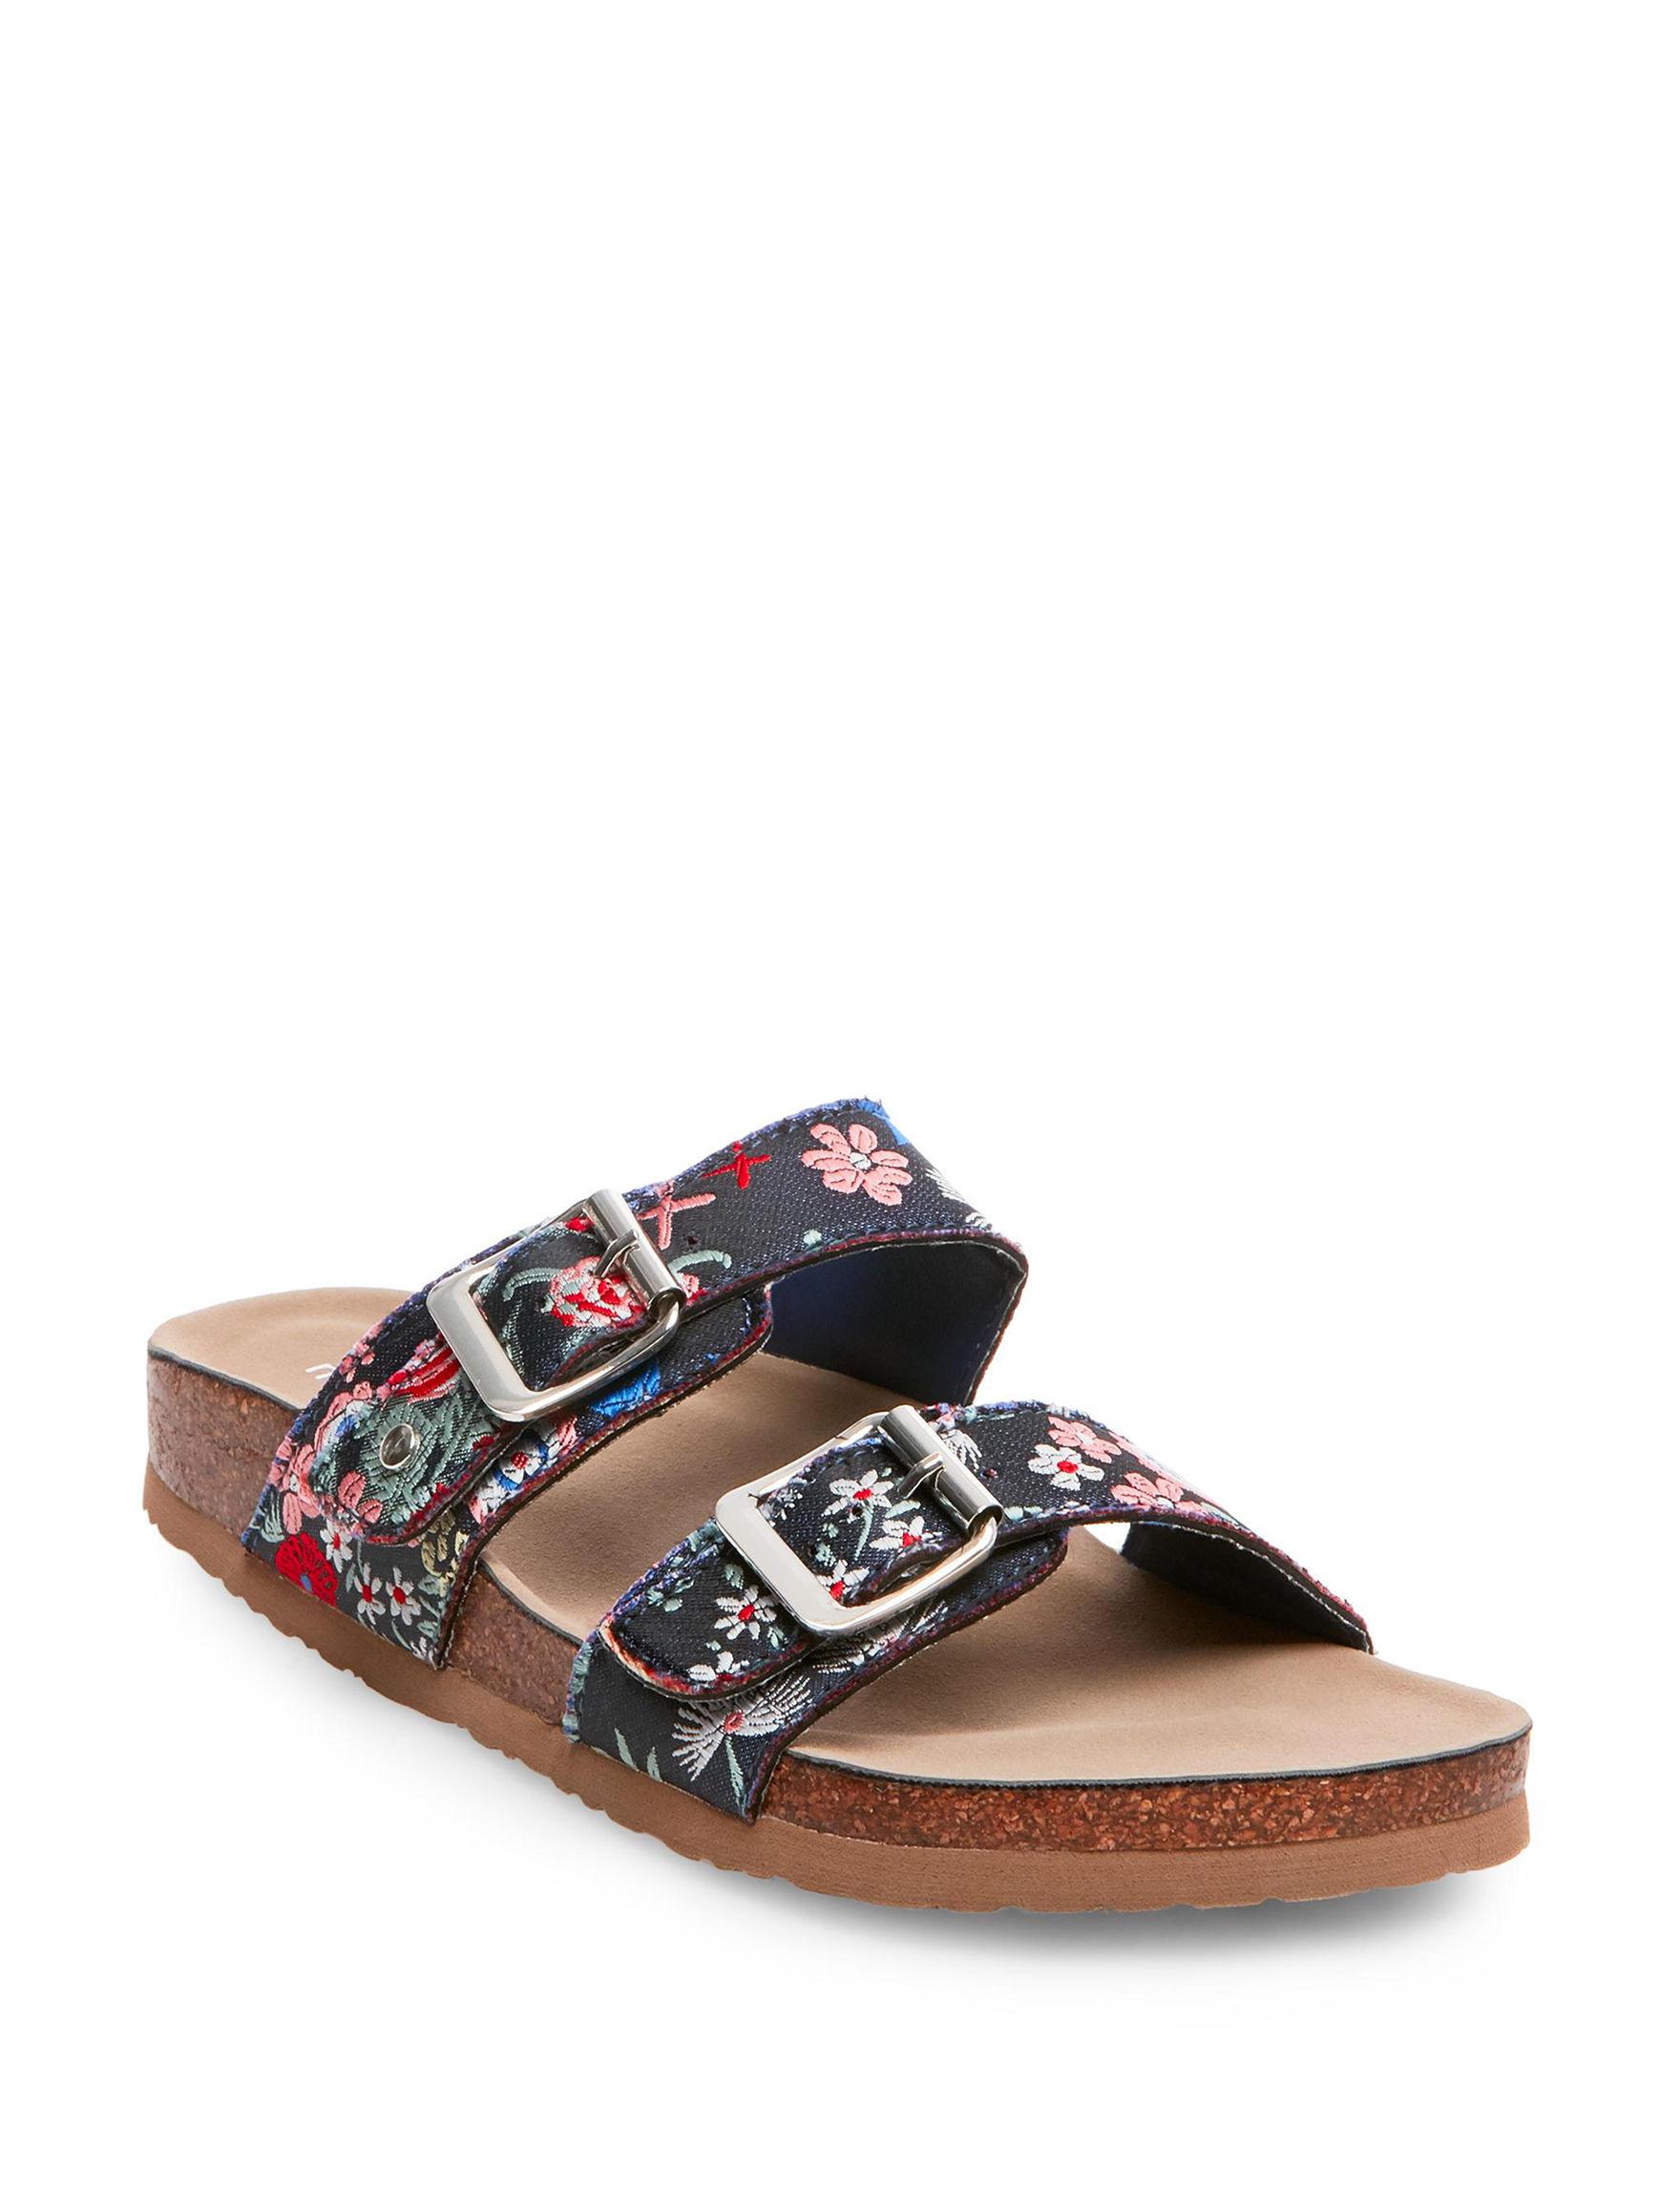 Madden Girl Blue Flat Sandals